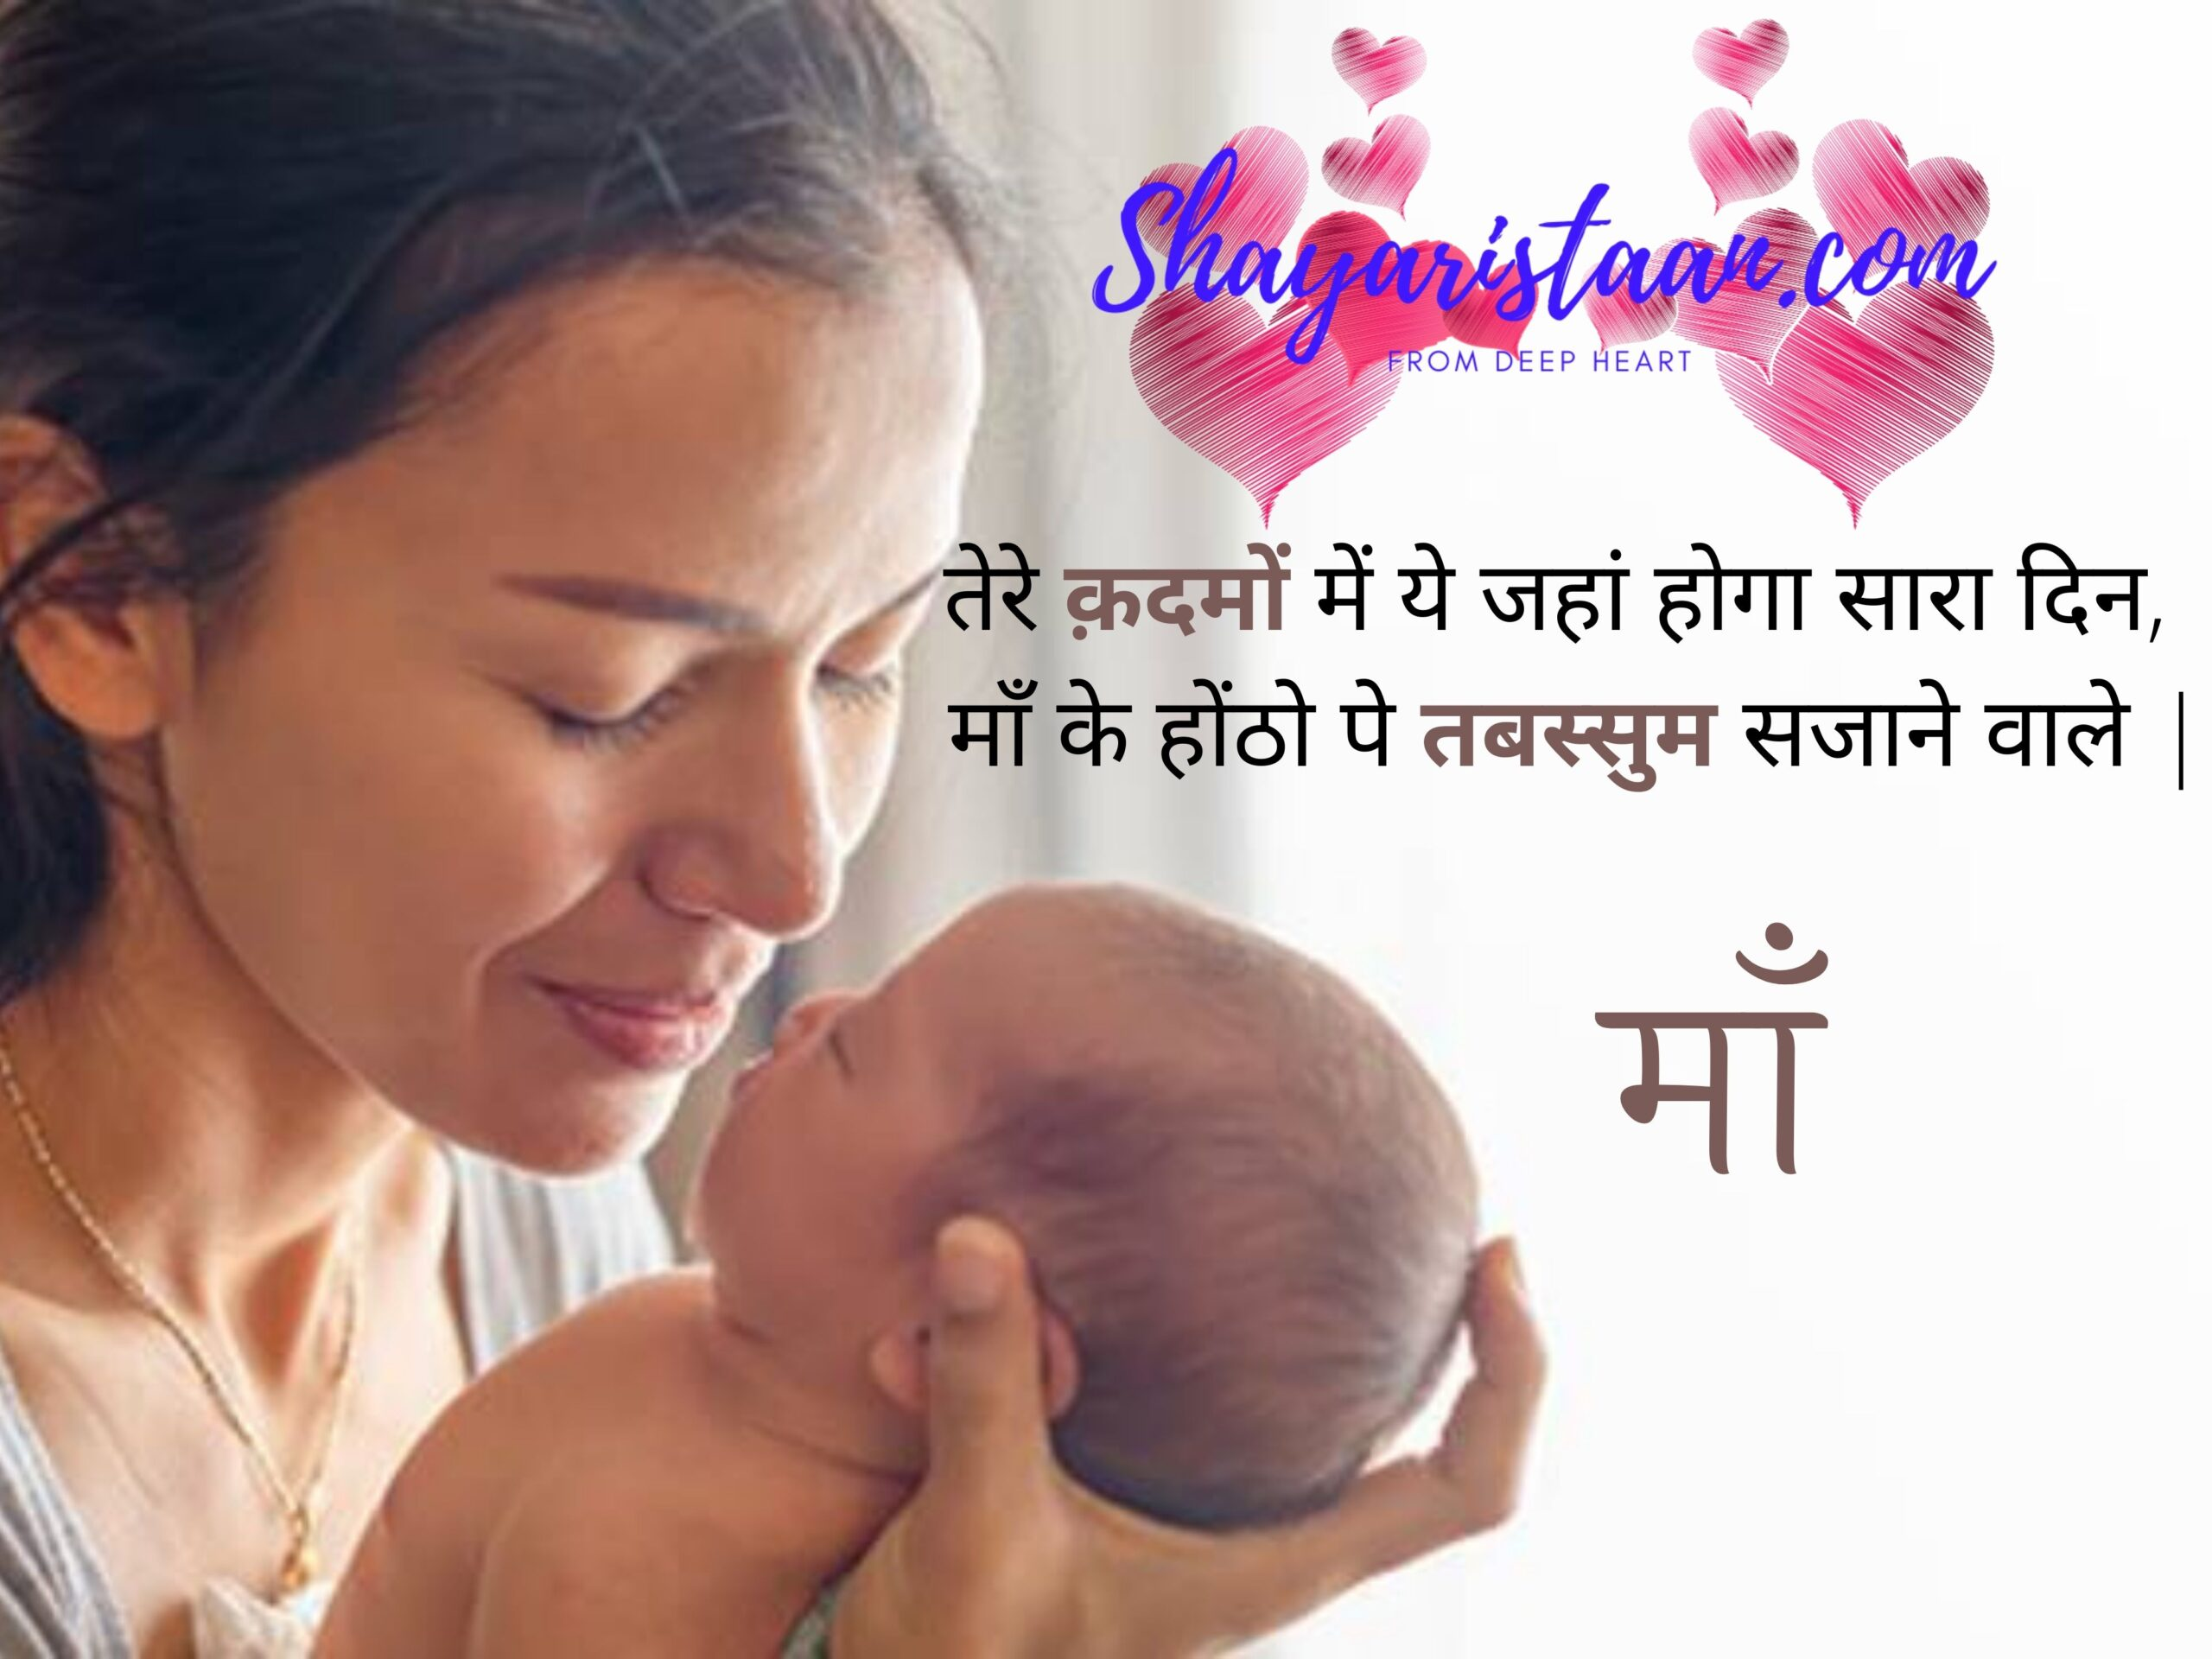 maa quotes hindi   तेरे क़दमों में ये जहां होगा सारा दिन, माँ के होंठो पे तबस्सुम सजाने वाले  